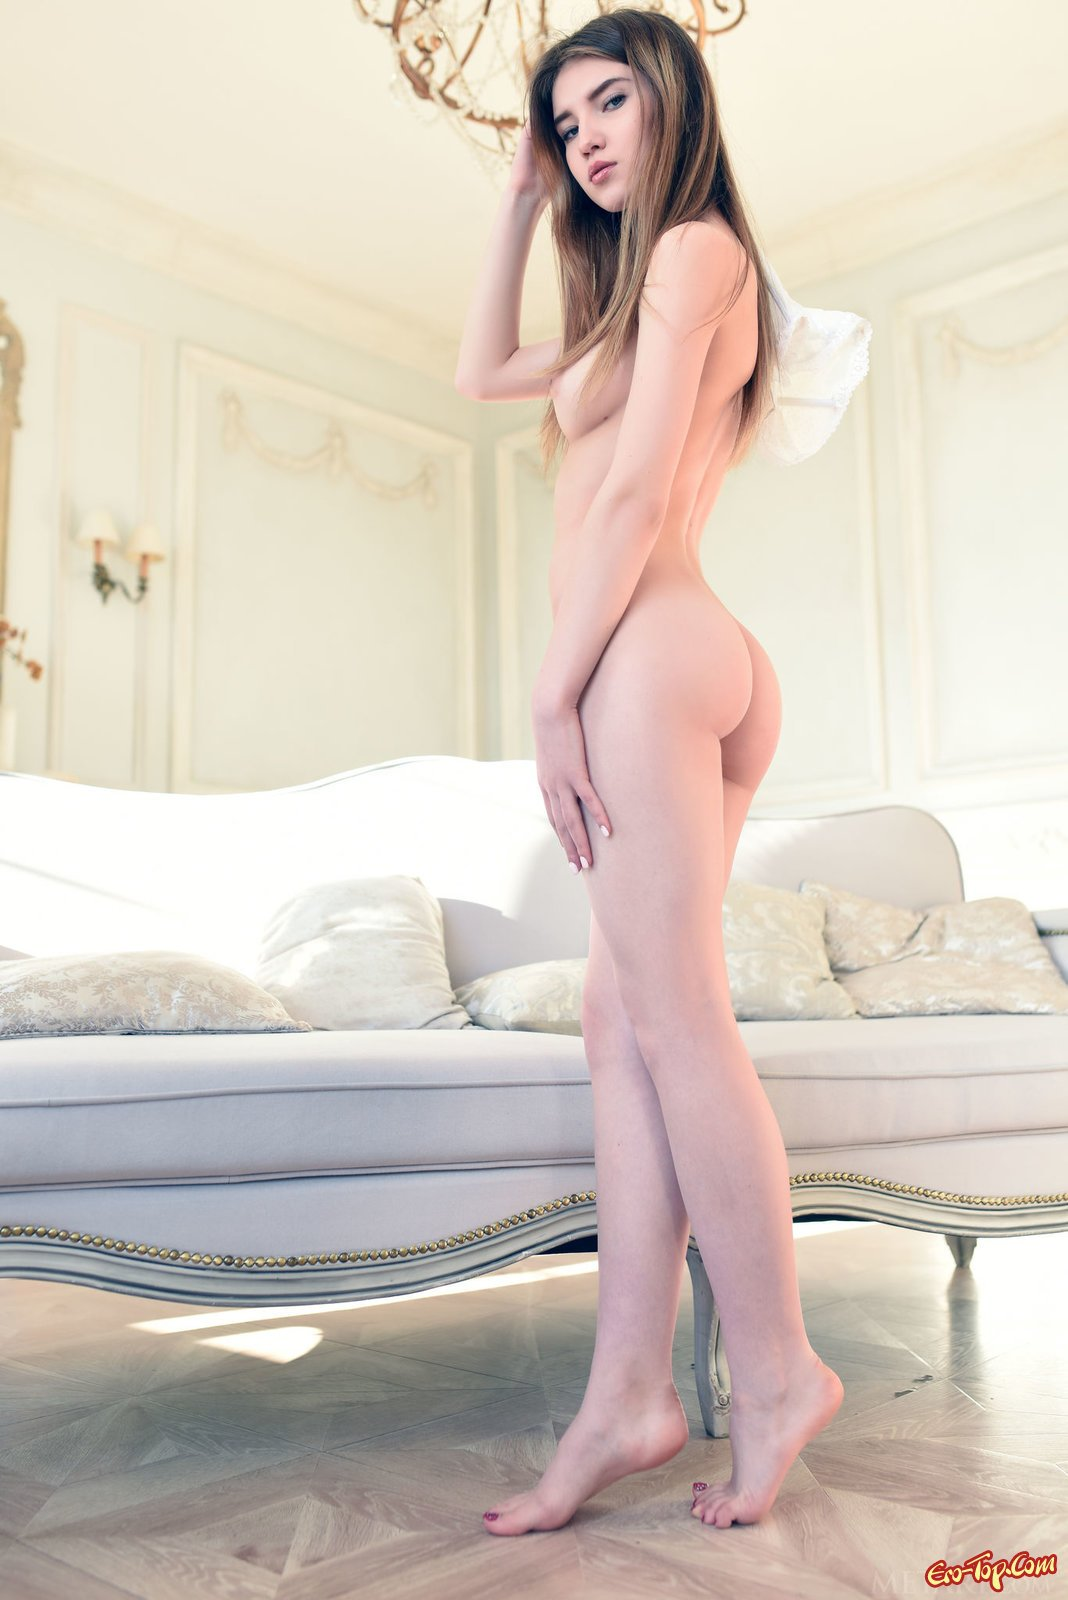 Молодая девушка оголилась и начала эротично позировать